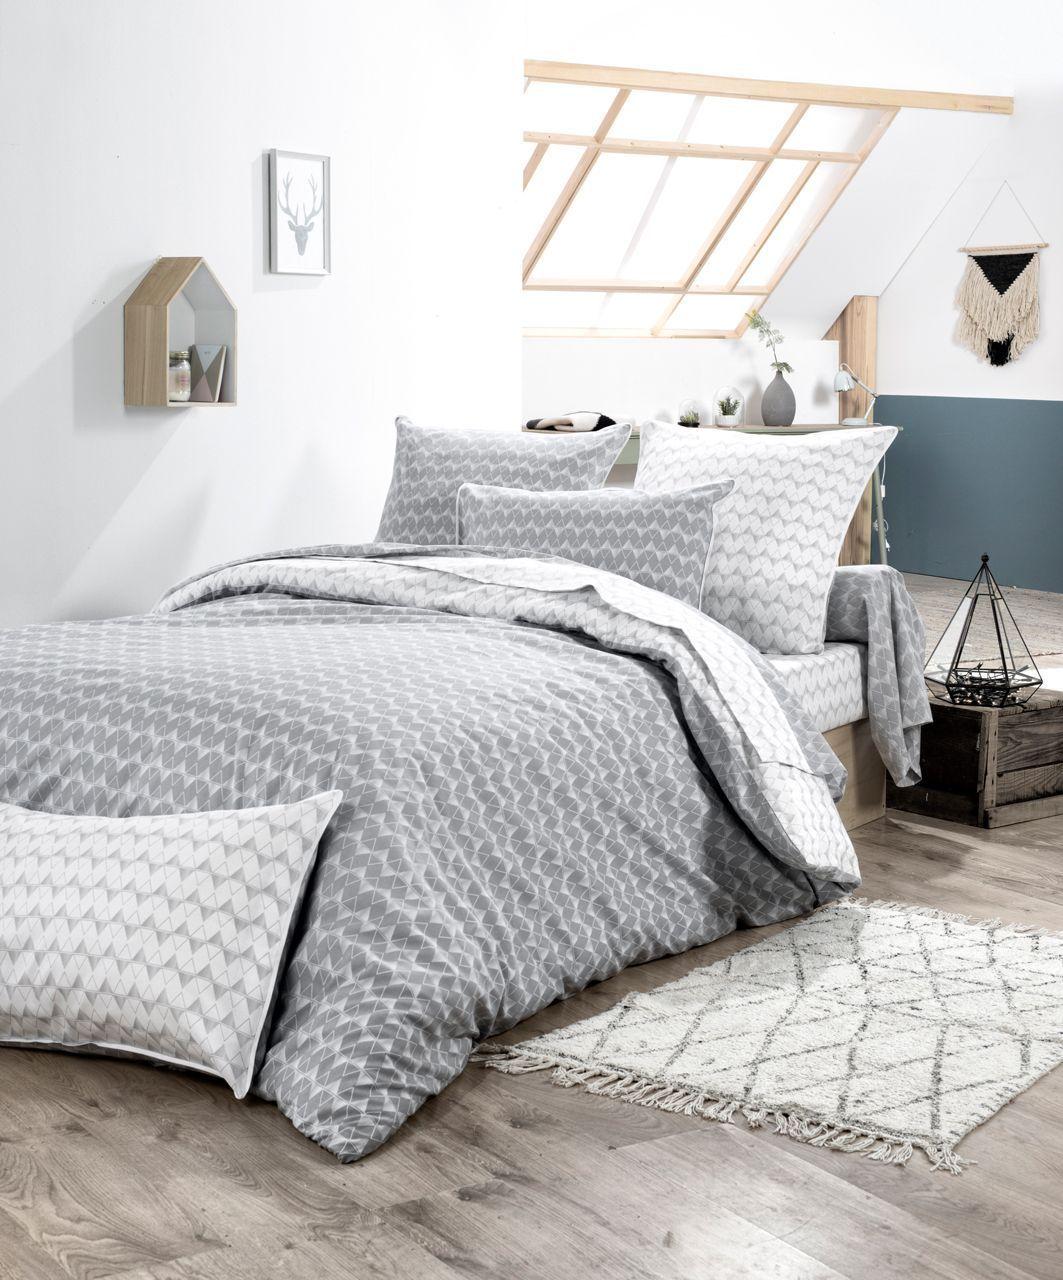 parure de lit scandi imprim sur fond gris dp 240x310 dh 140x190 2to 1tt. Black Bedroom Furniture Sets. Home Design Ideas